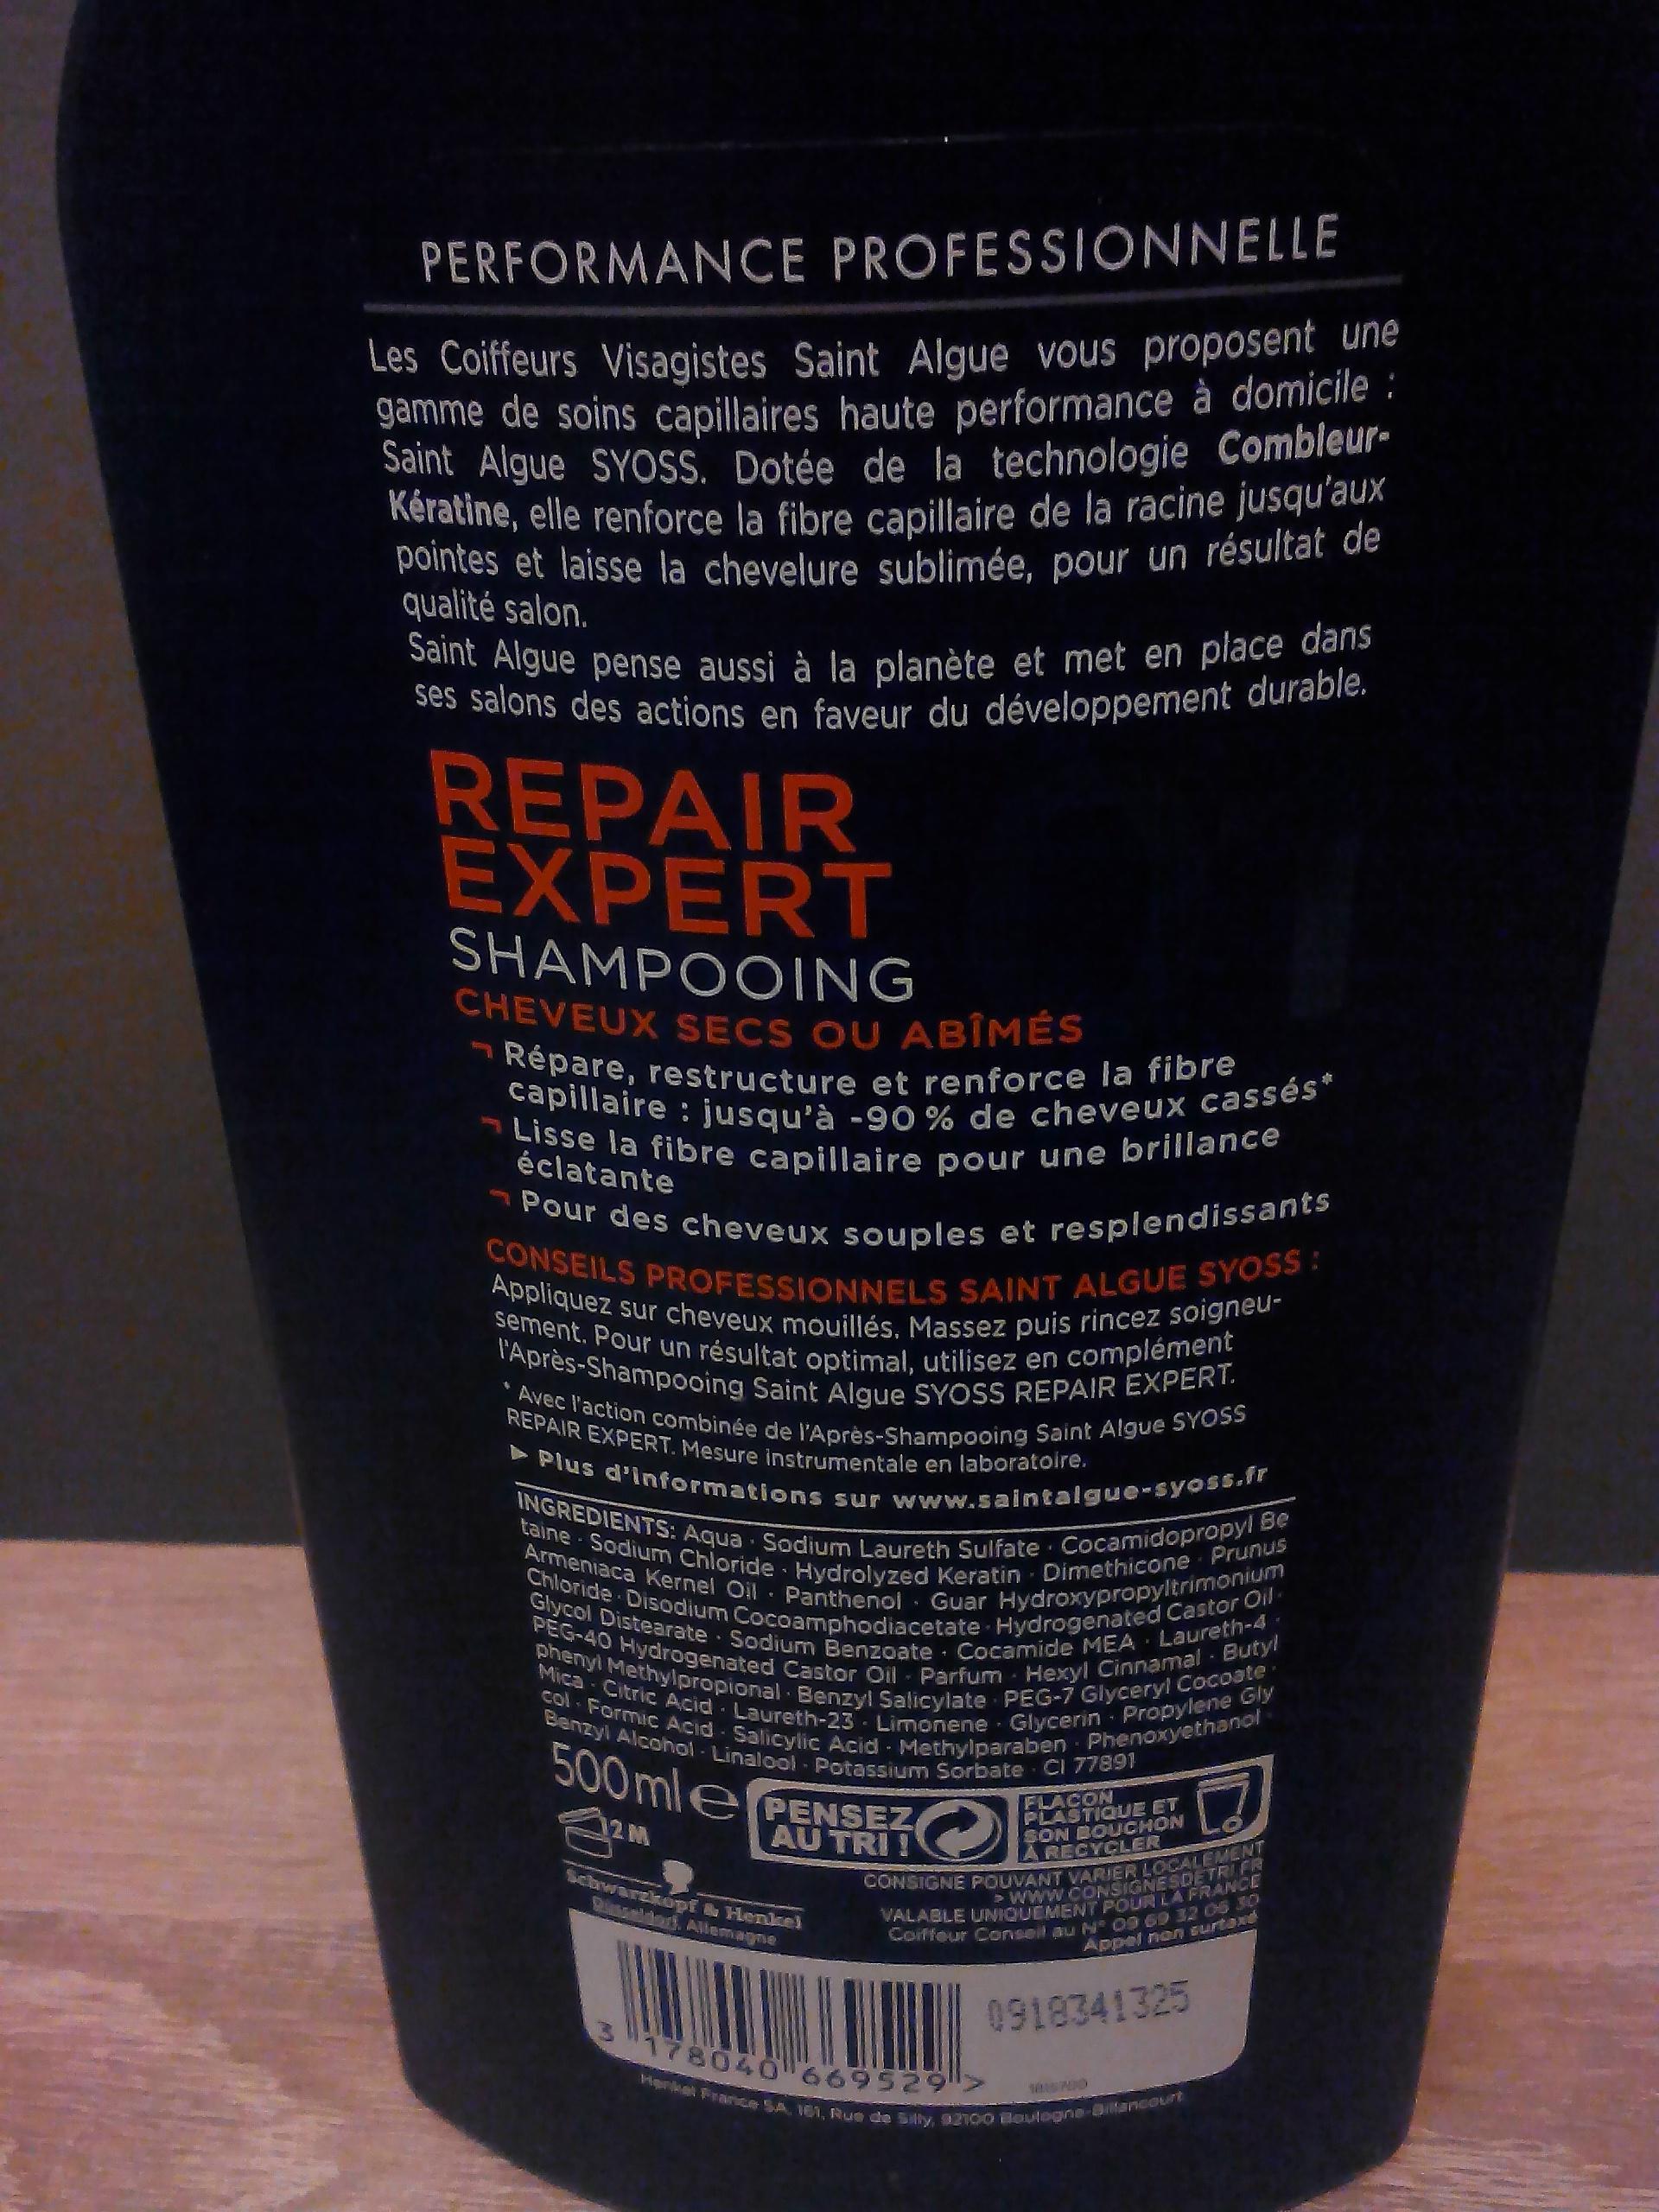 Shampooing Repair Expert de Saint Algue Syoss